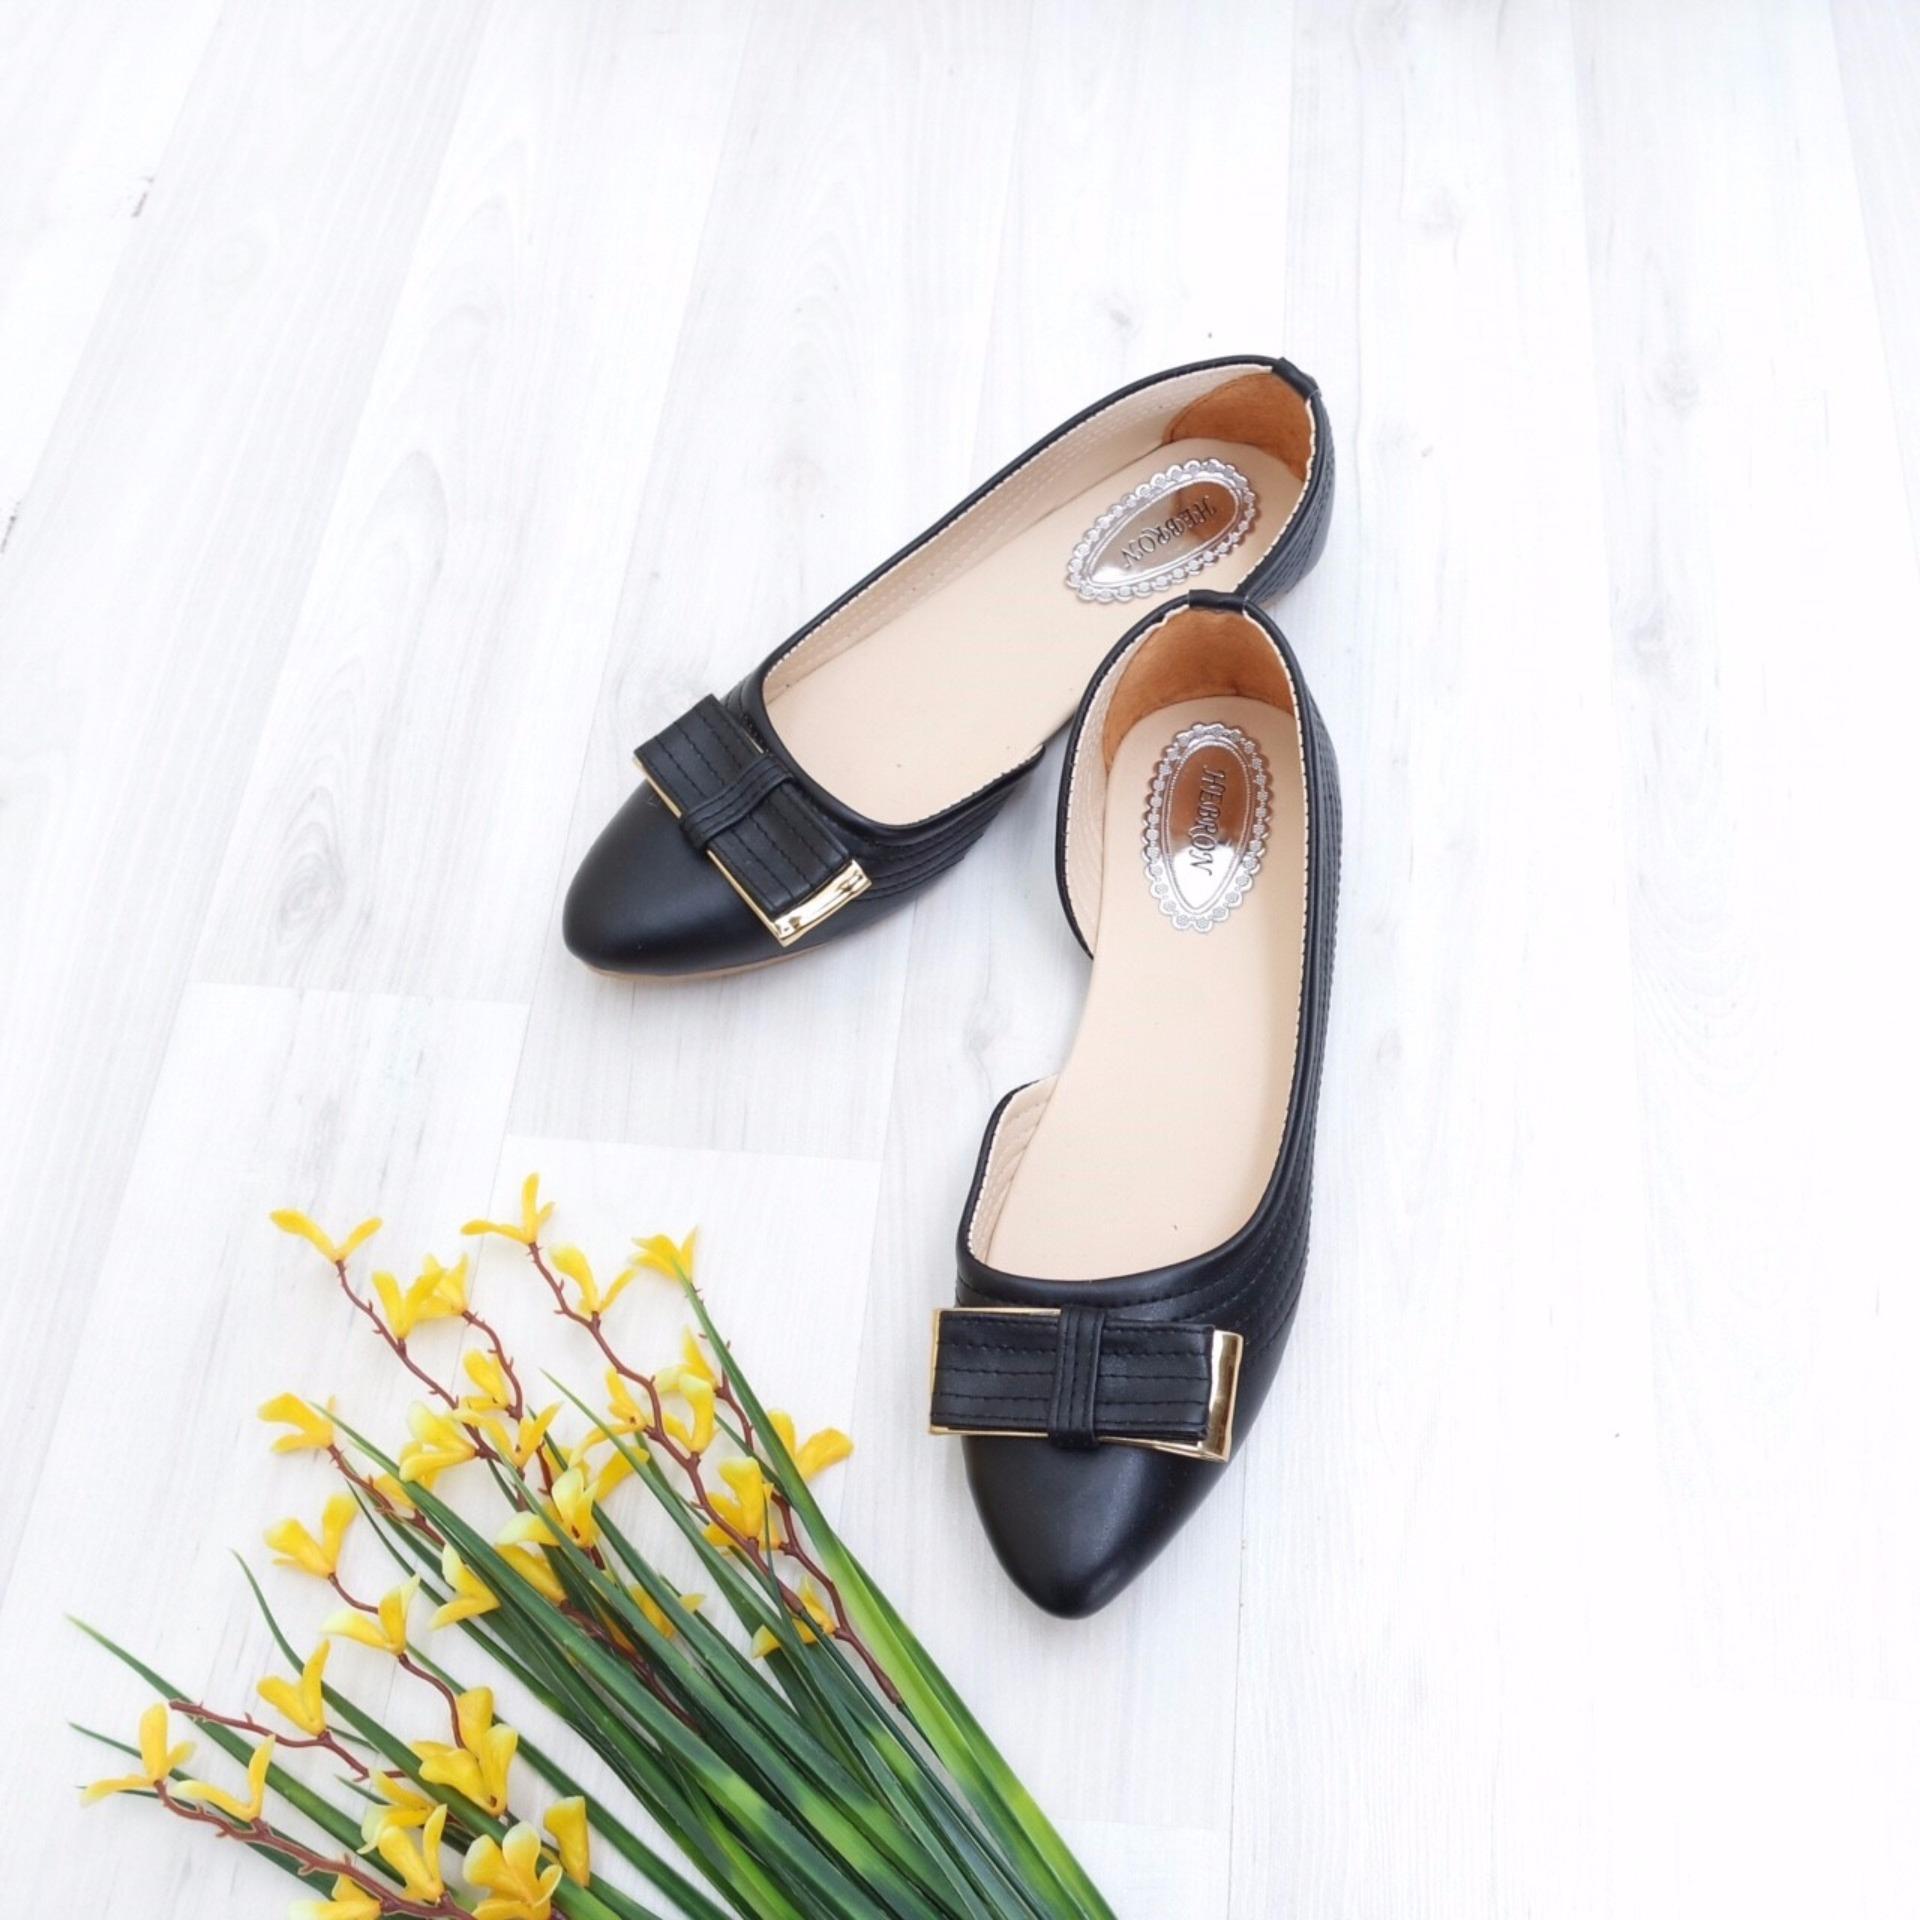 KelinciMadu-Half Ribbon Flatshoes-Black .